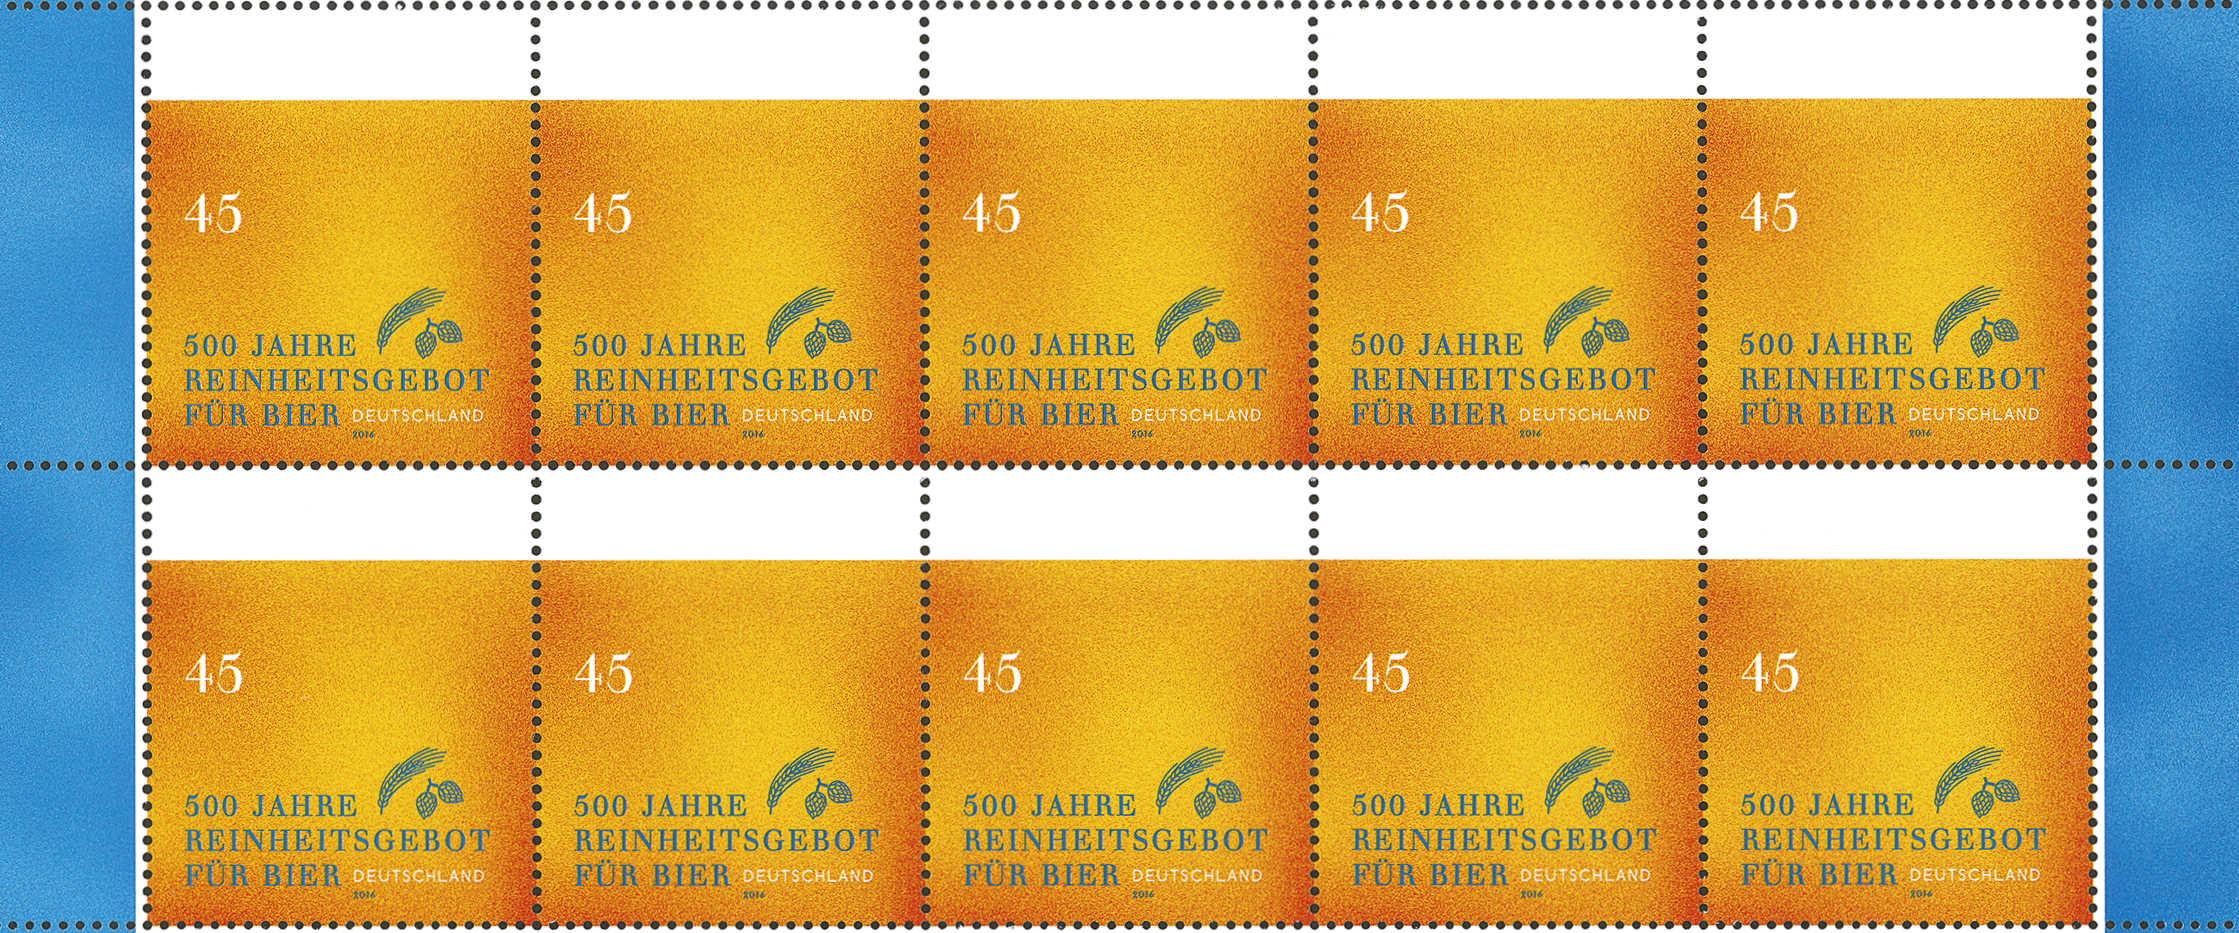 Sonderbriefmarke 500 Jahre Reinheitsgebot